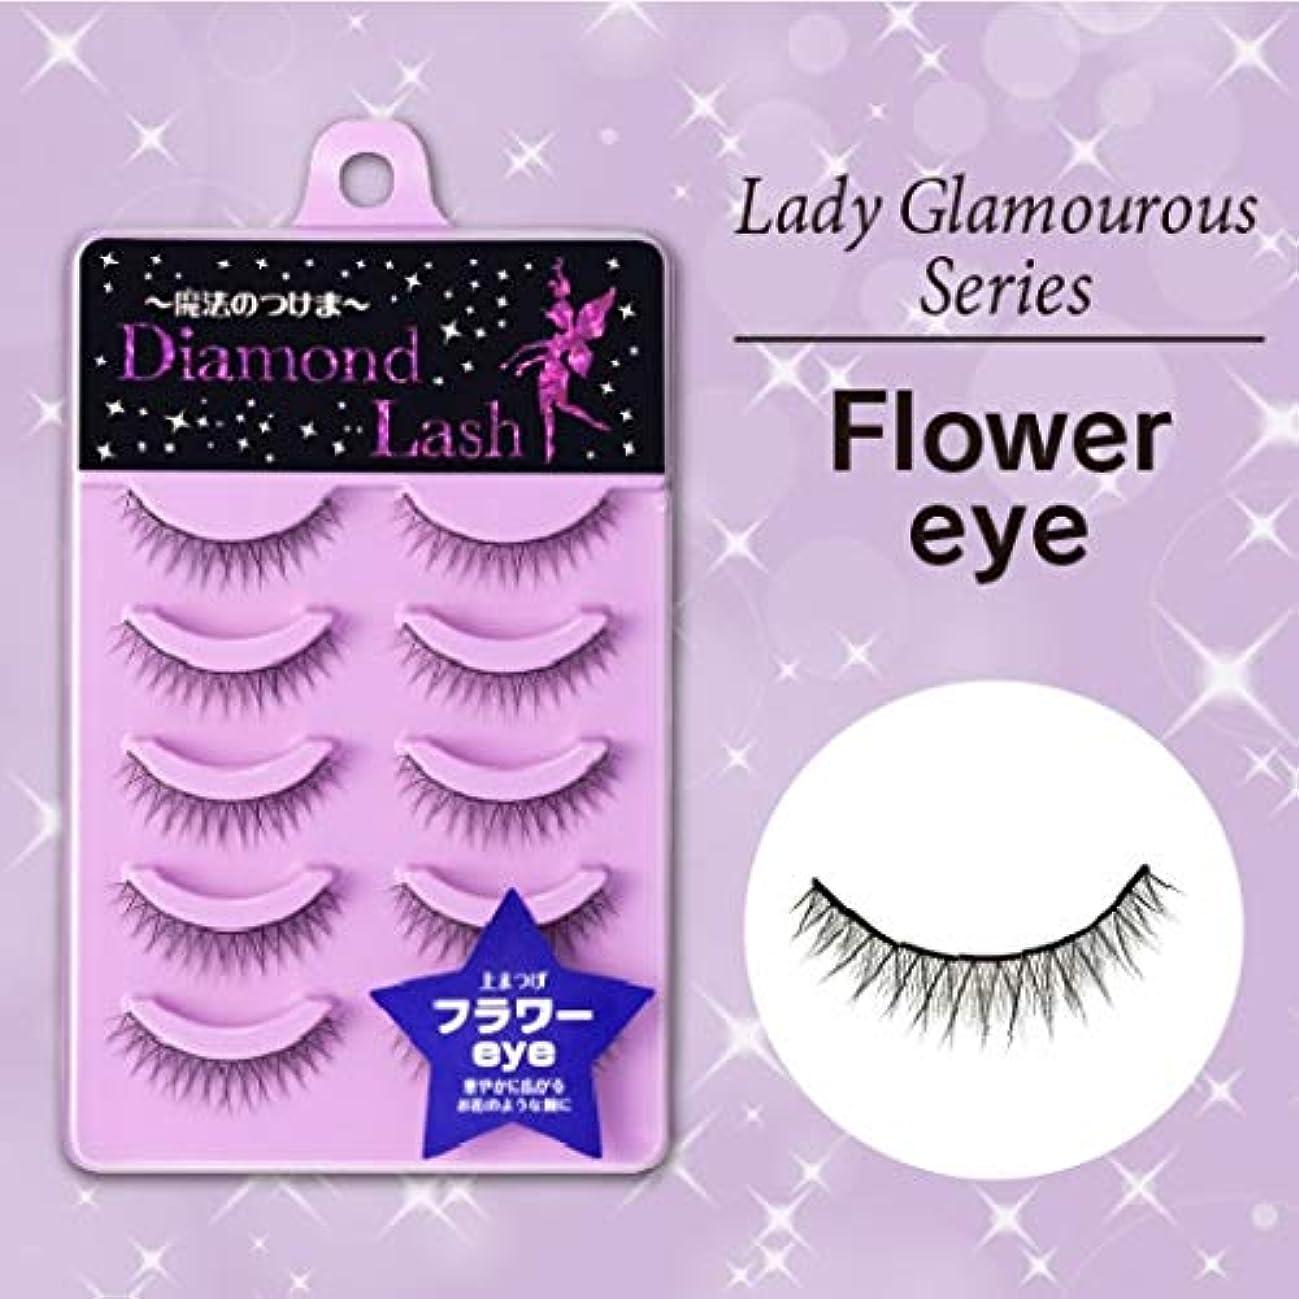 トラック密接に三番Diamond Lash(ダイヤモンドラッシュ) レディグラマスシリーズ フラワーeye